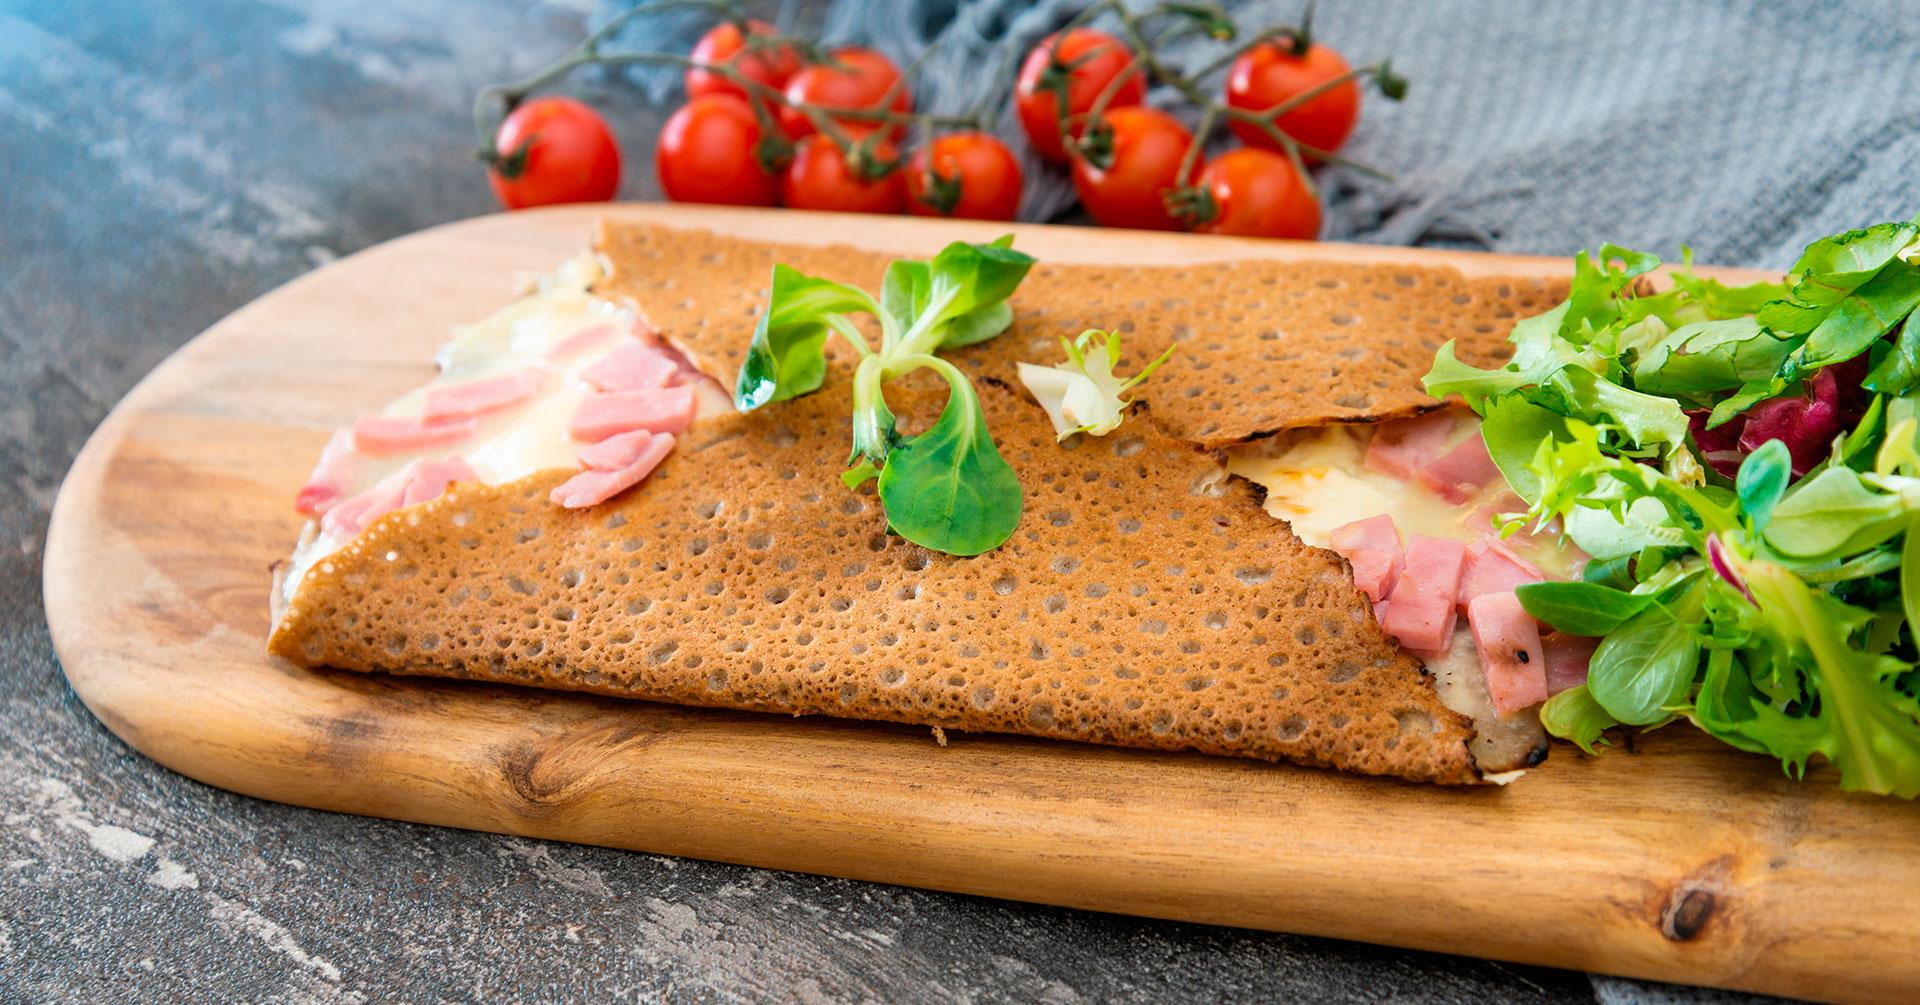 Crepas de avena con jamón y queso